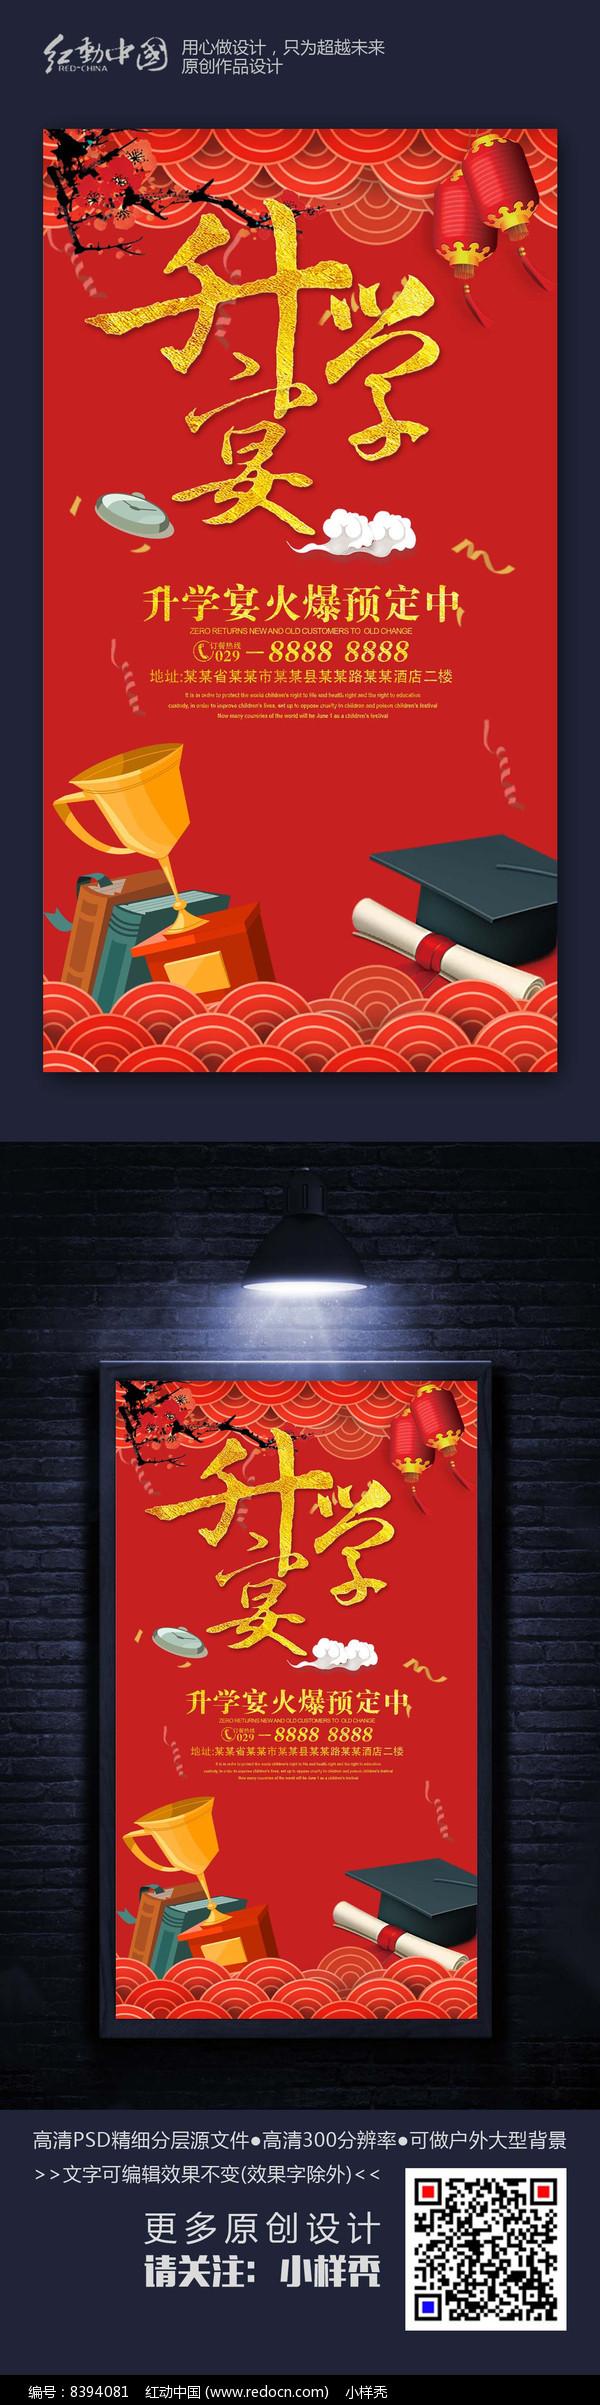 喜庆酒店谢师宴升学宴海报图片